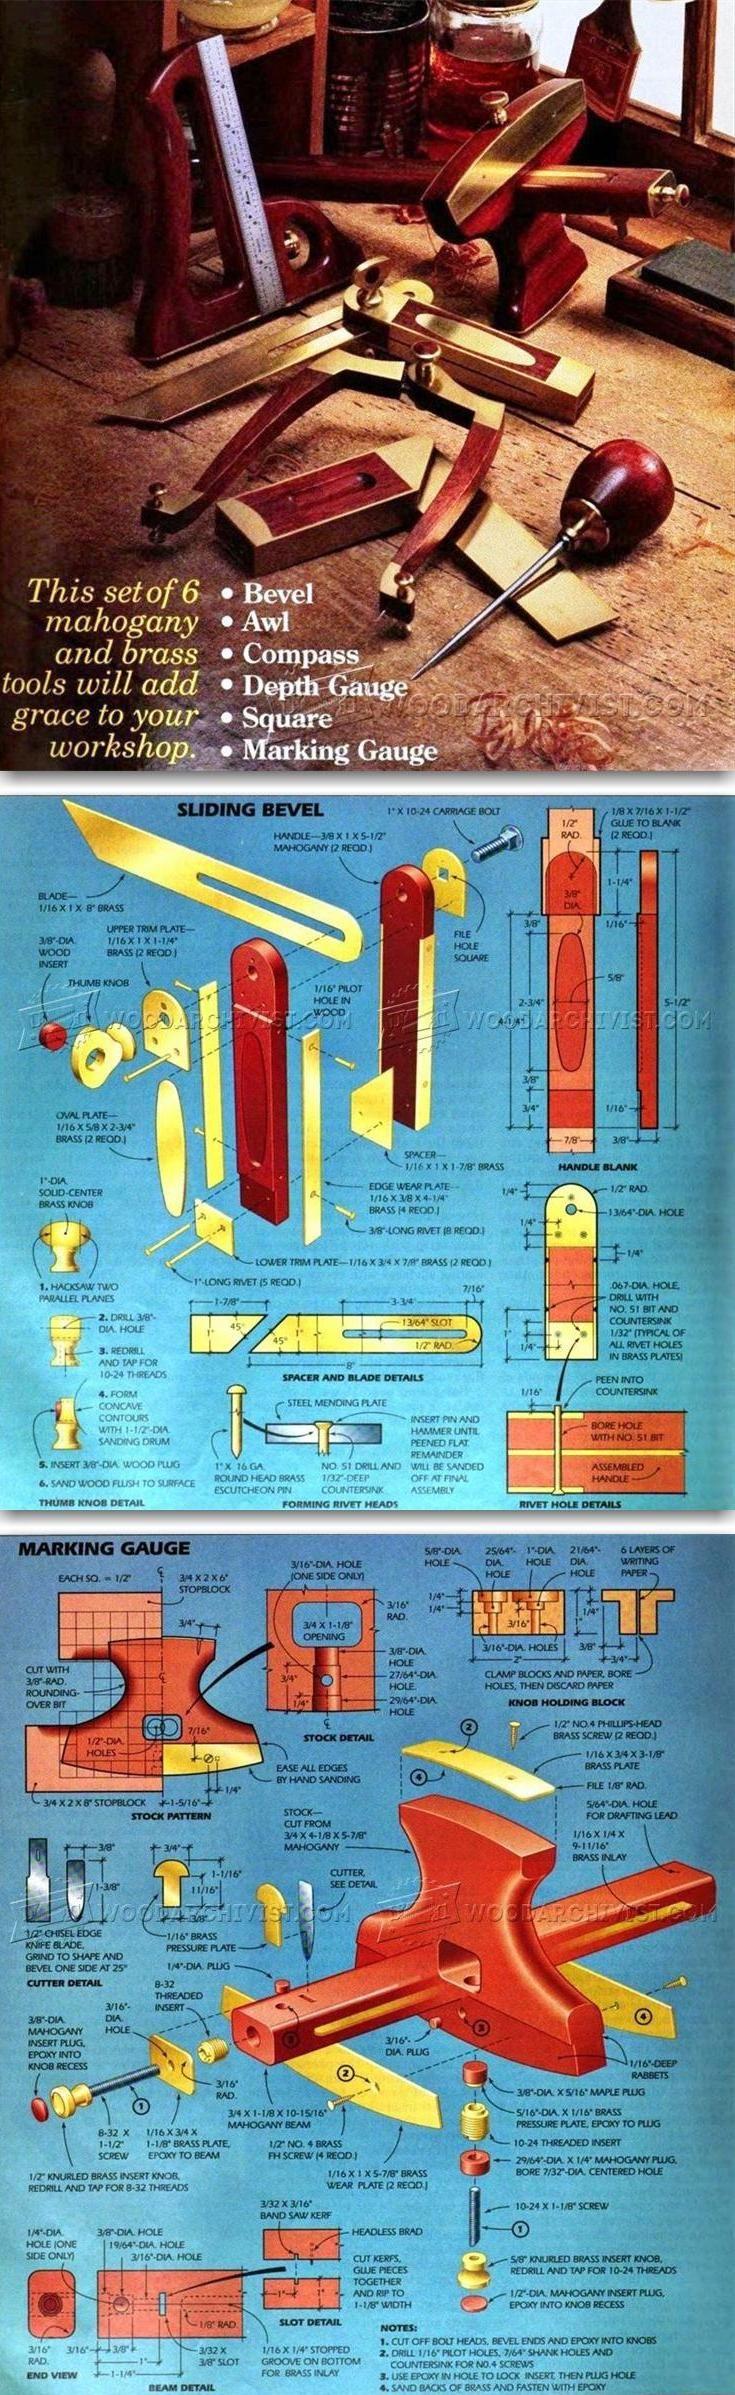 DIY Woodworking Hand Tools - Hand Tools Tips and Techniques | WoodArchivist.com